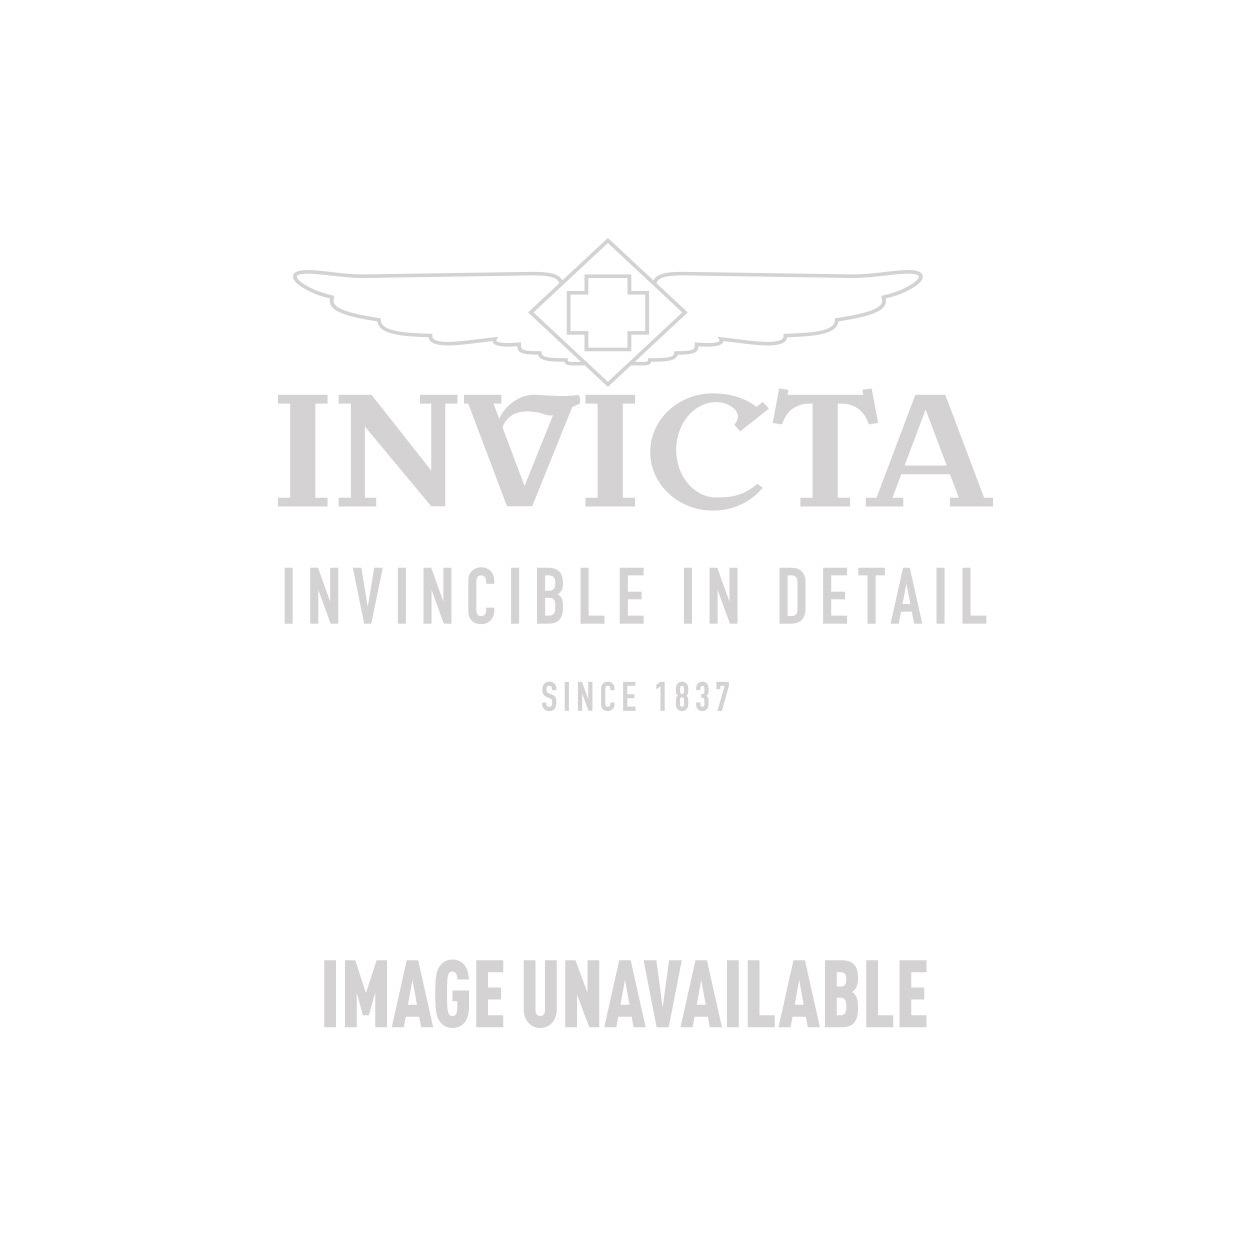 Invicta Model 25870